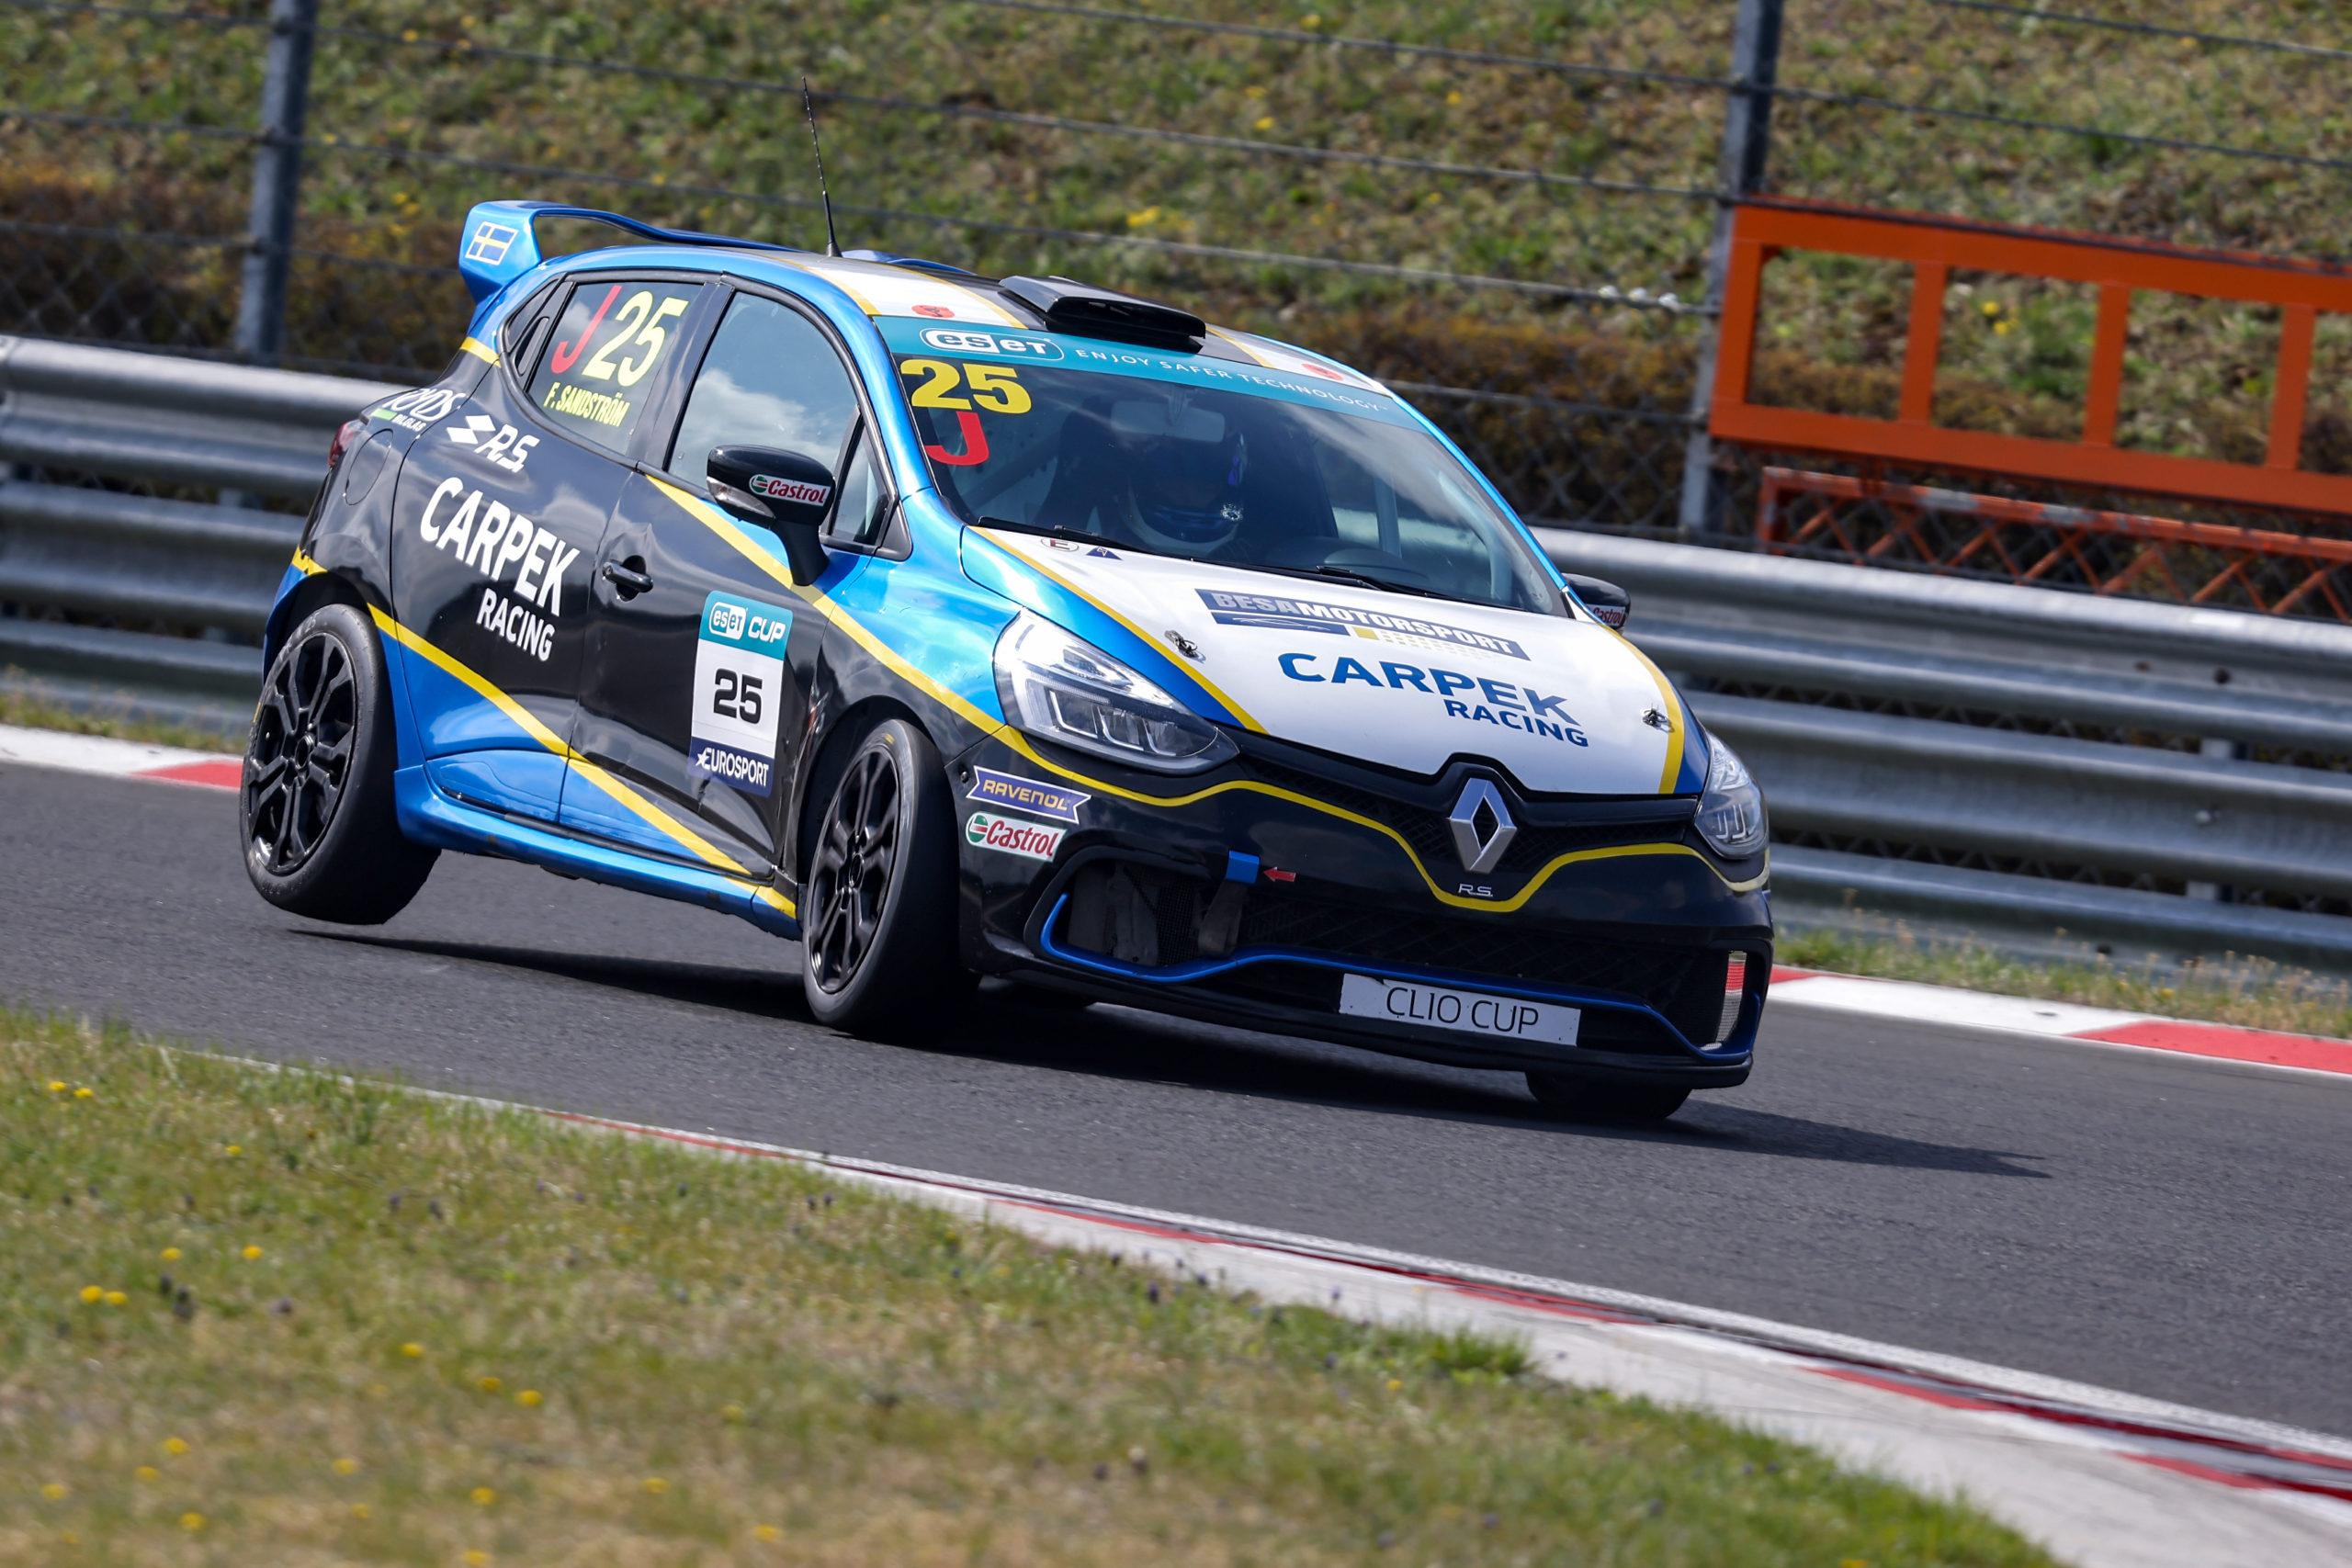 Sandströmova vítězná série pokračovala i ve druhém závodě